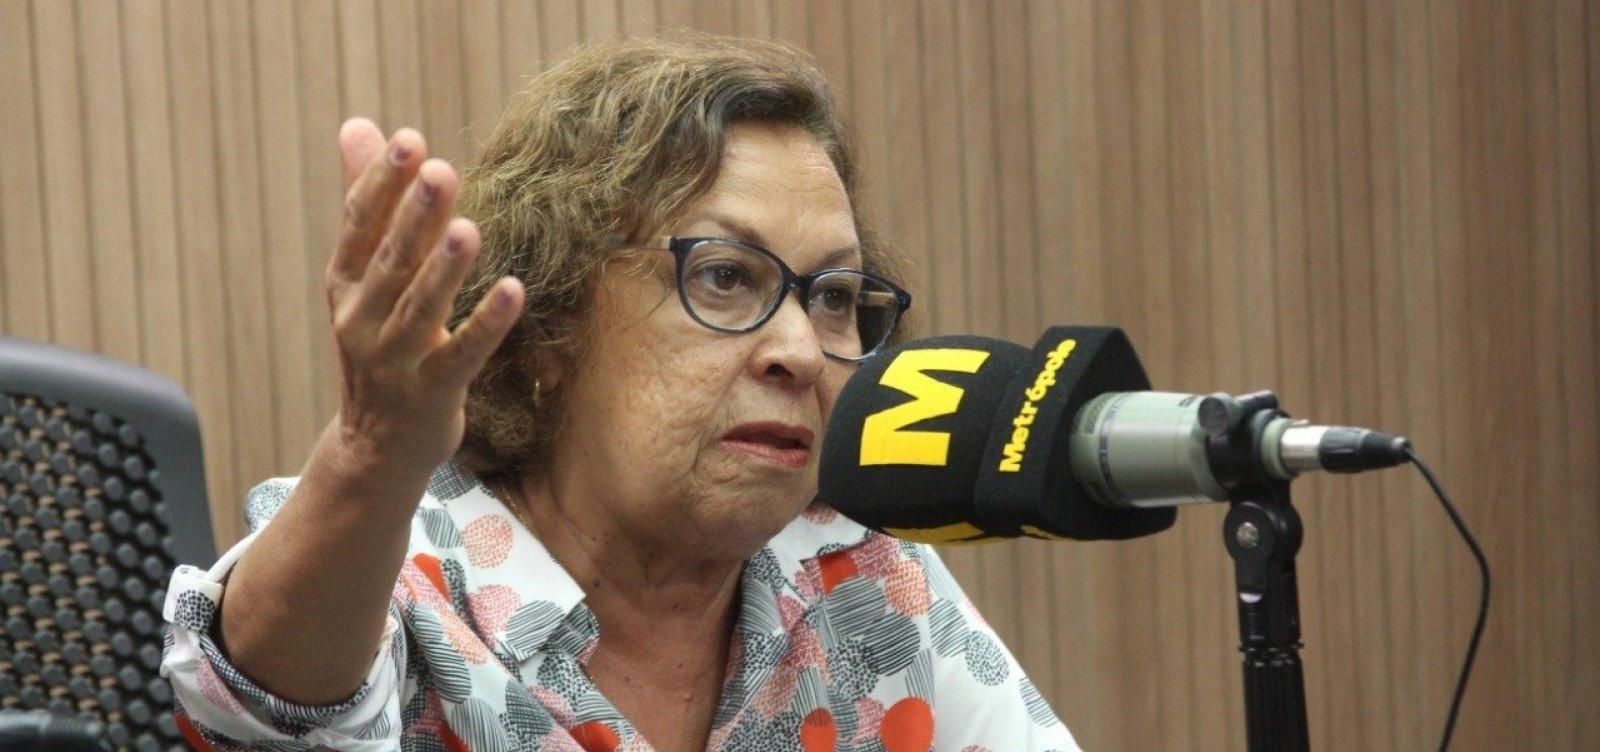 [Lídice lamenta campanha de Imbassahy por Bolsonaro: 'Nem ACM teria essa postura']